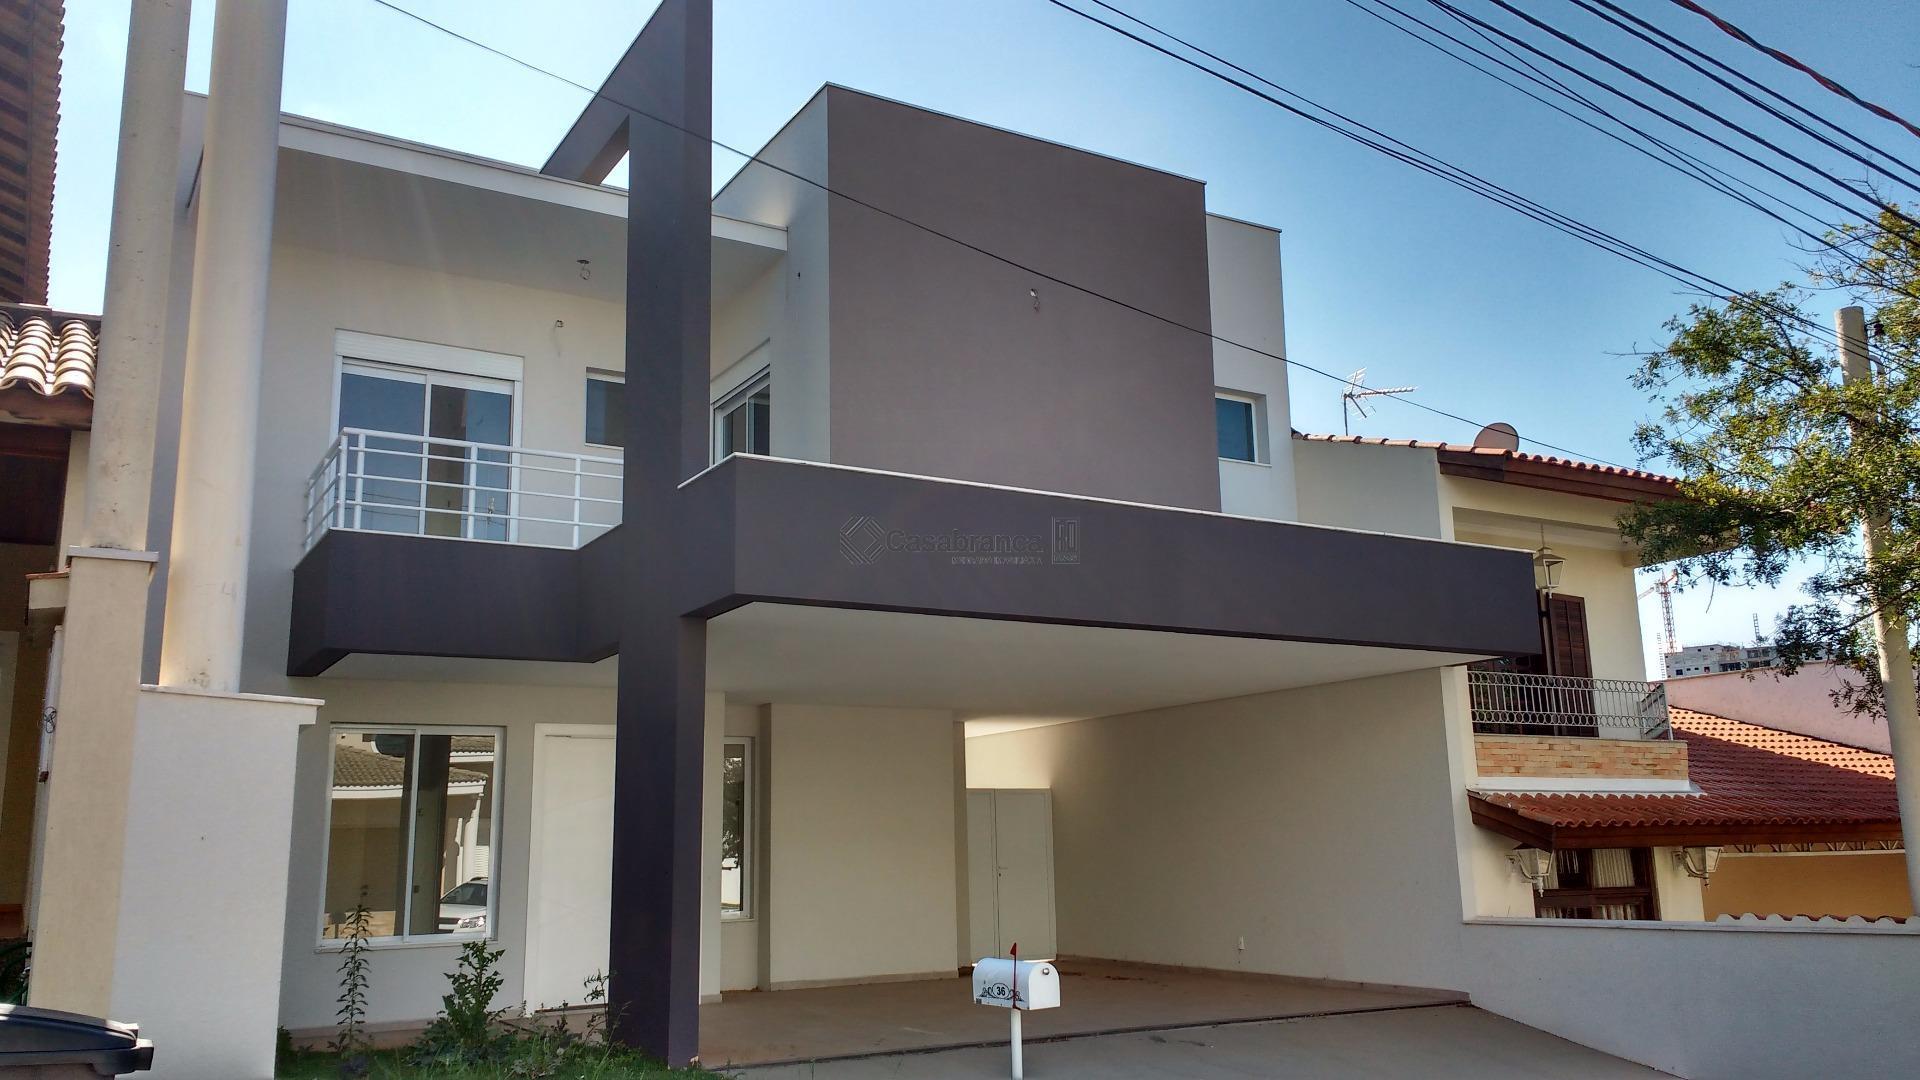 Sobrado residencial à venda, Parque Campolim, Sorocaba - SO2498.